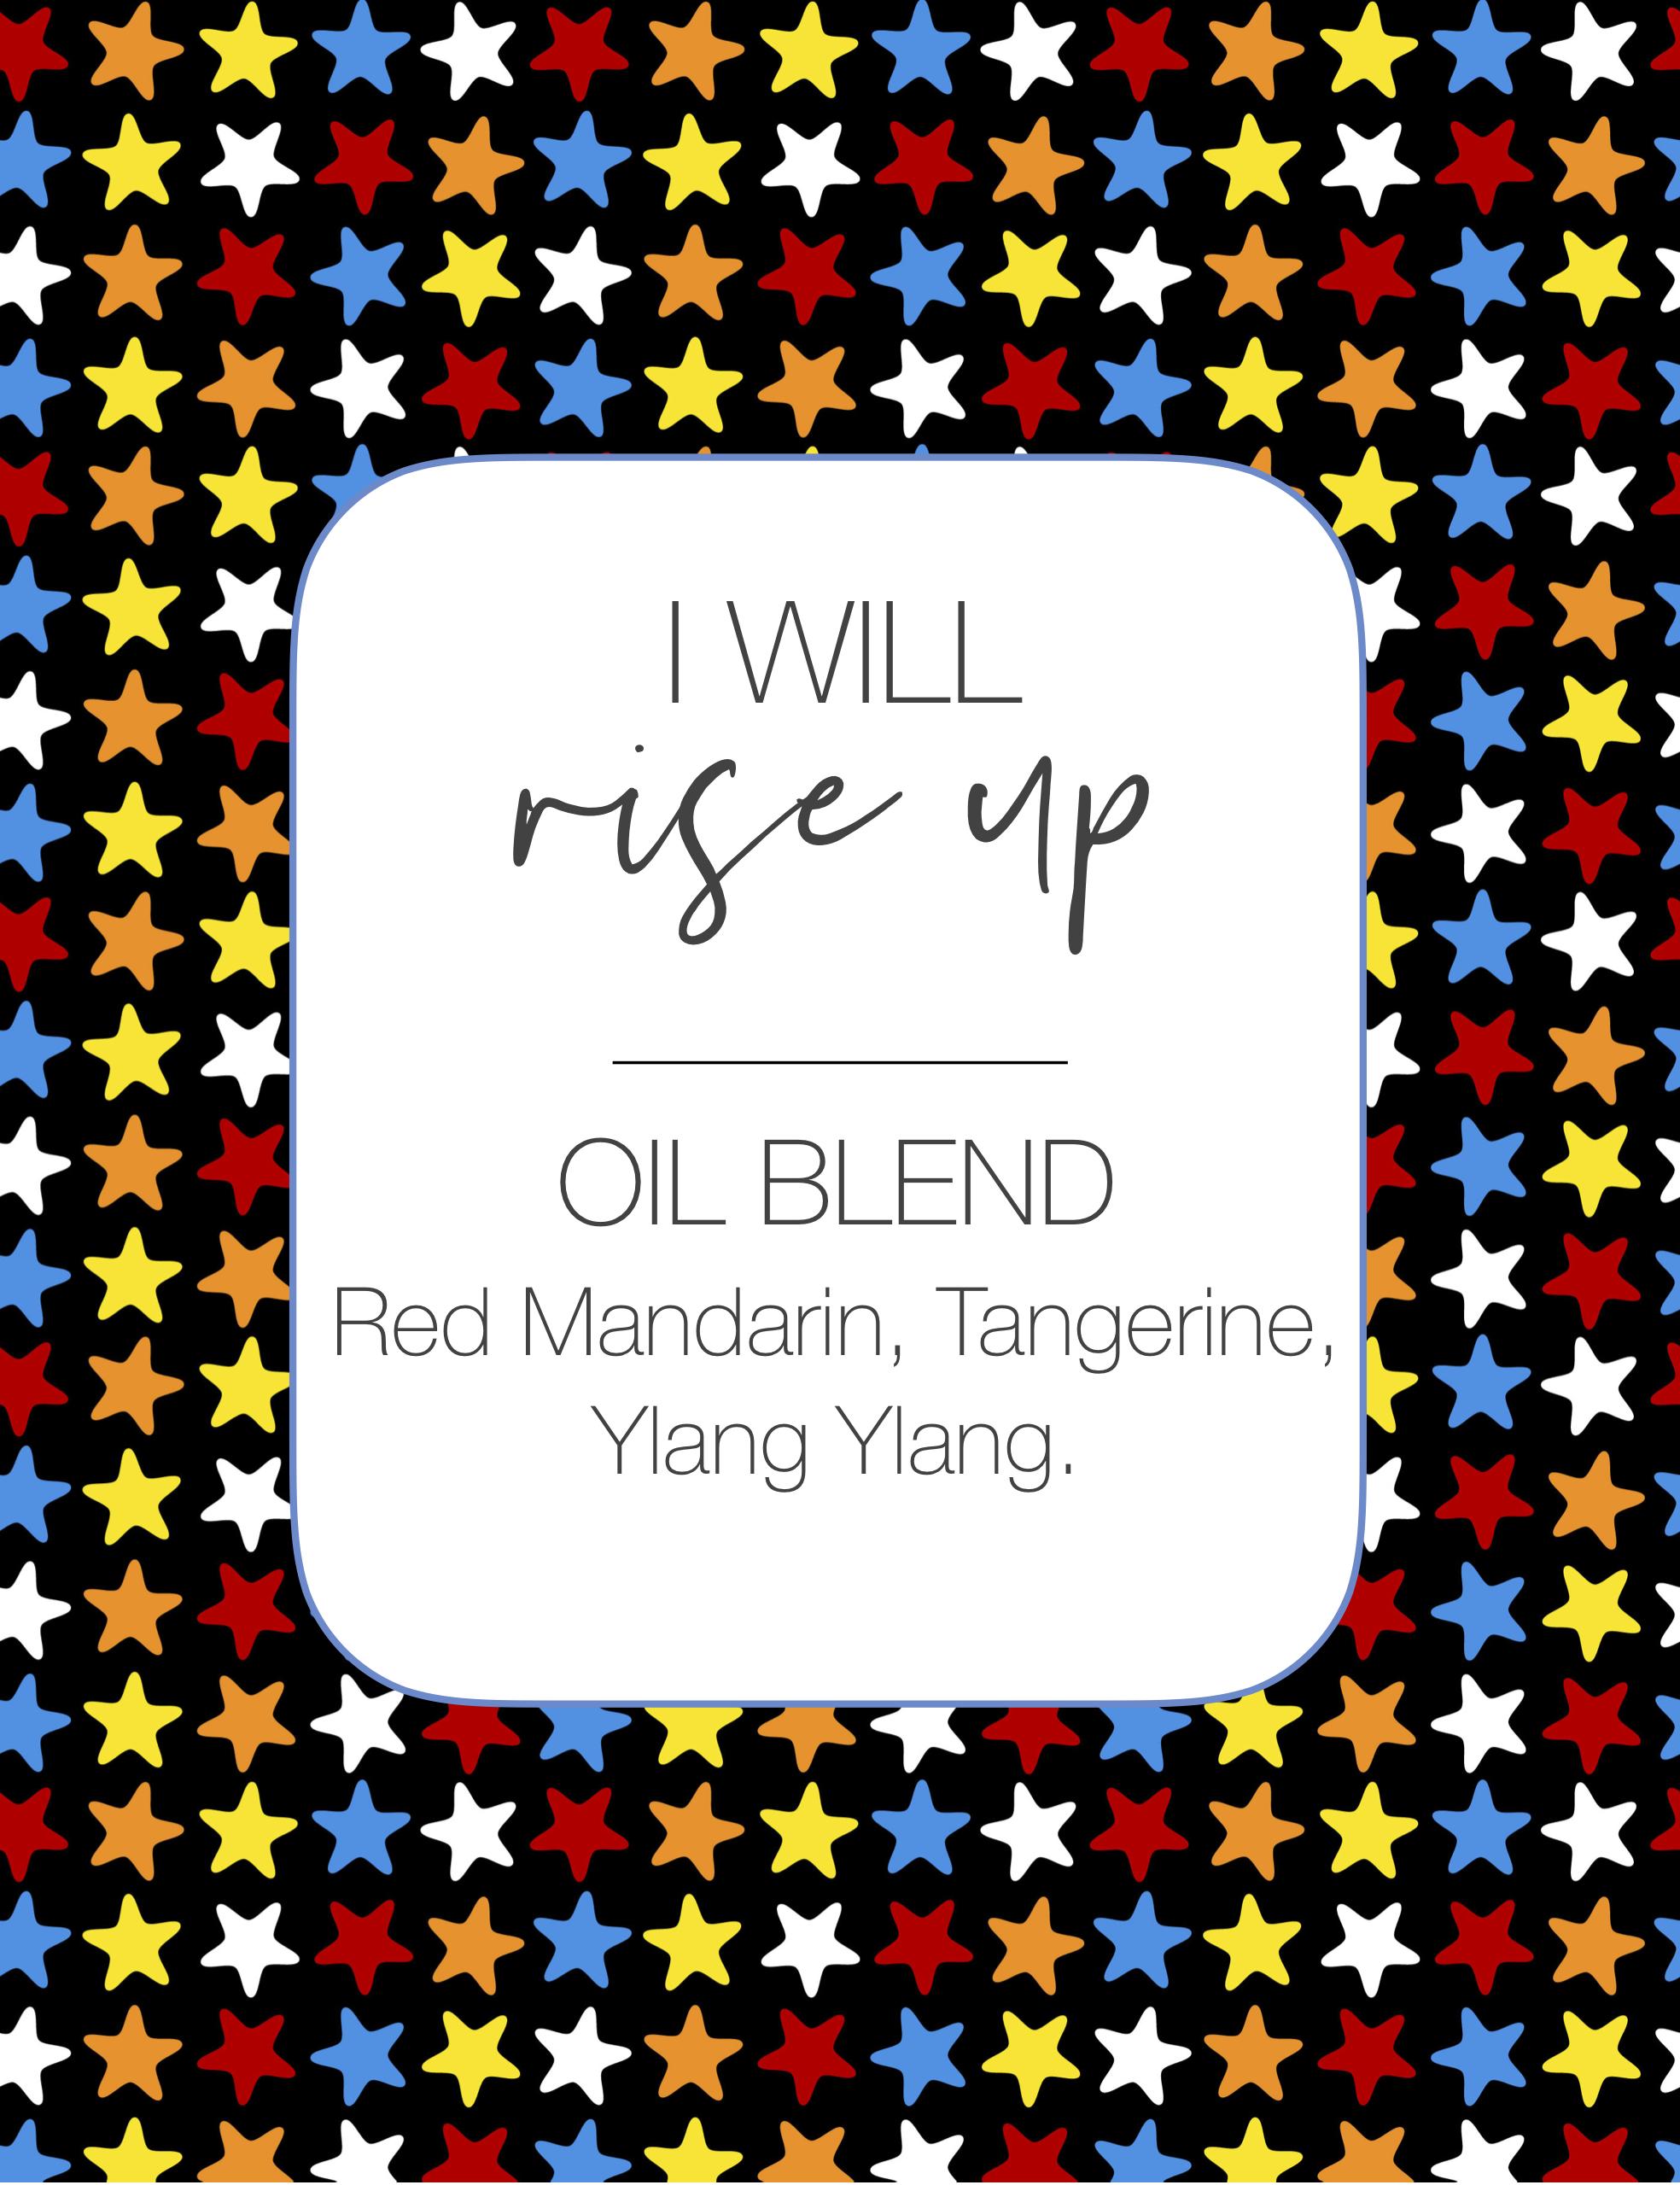 I-will-rise-up-10ml-Roller-Bottle-Blend-Label-JPEG.jpg